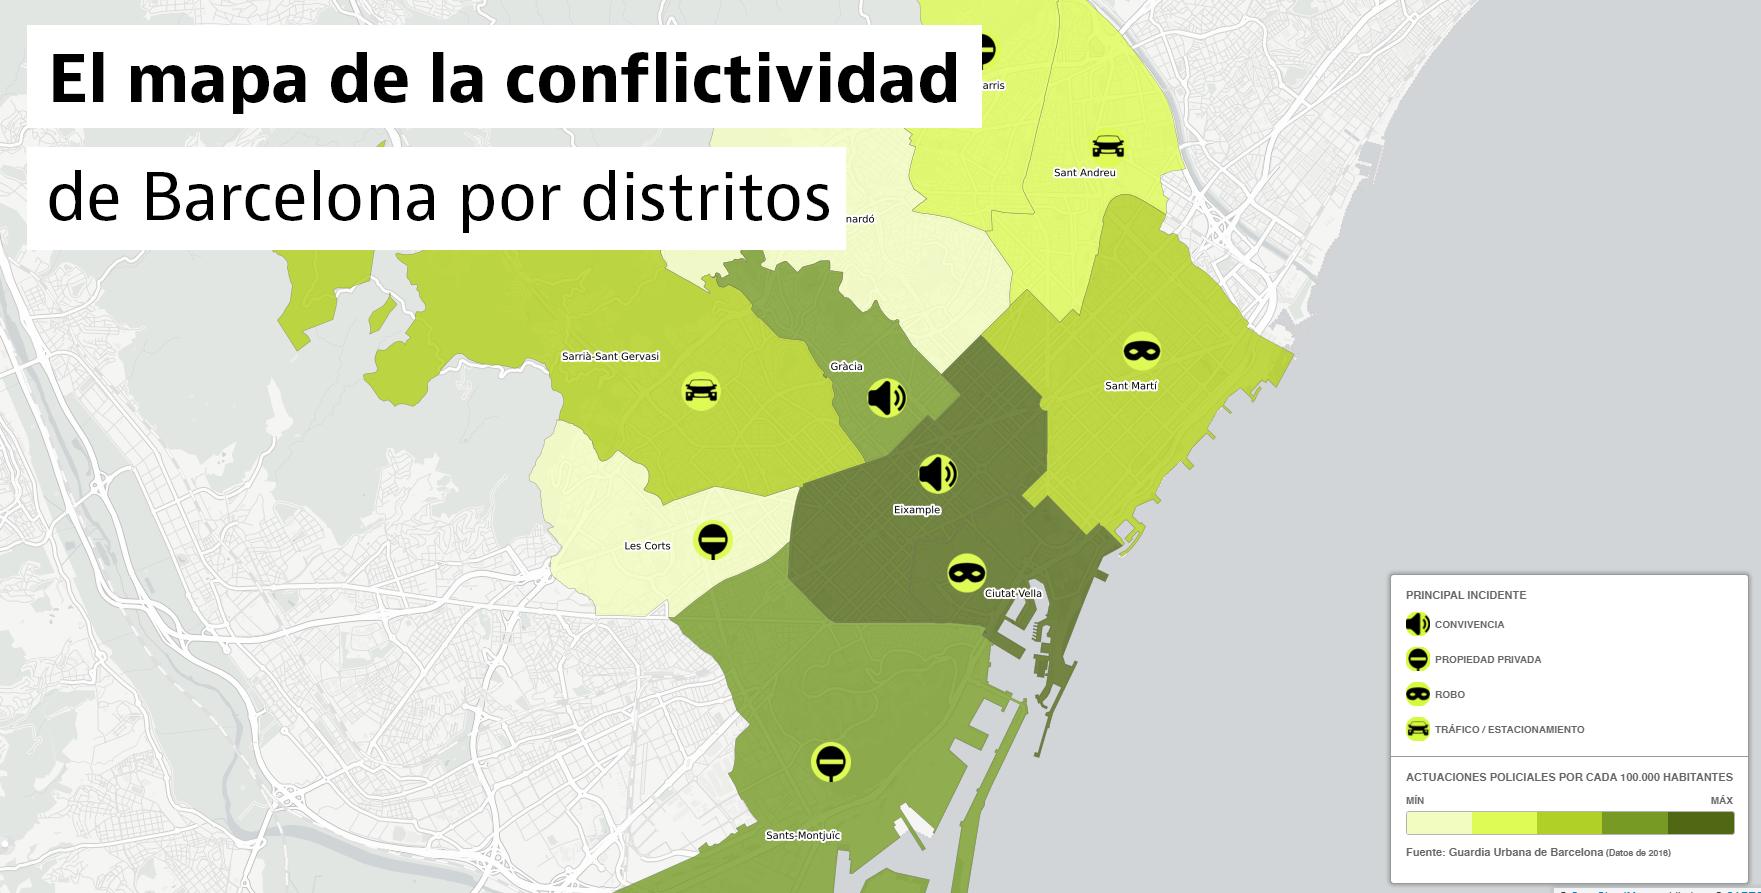 Distritos De Barcelona Mapa.Conoce Los Distritos Mas Conflictivos Y Pacificos De